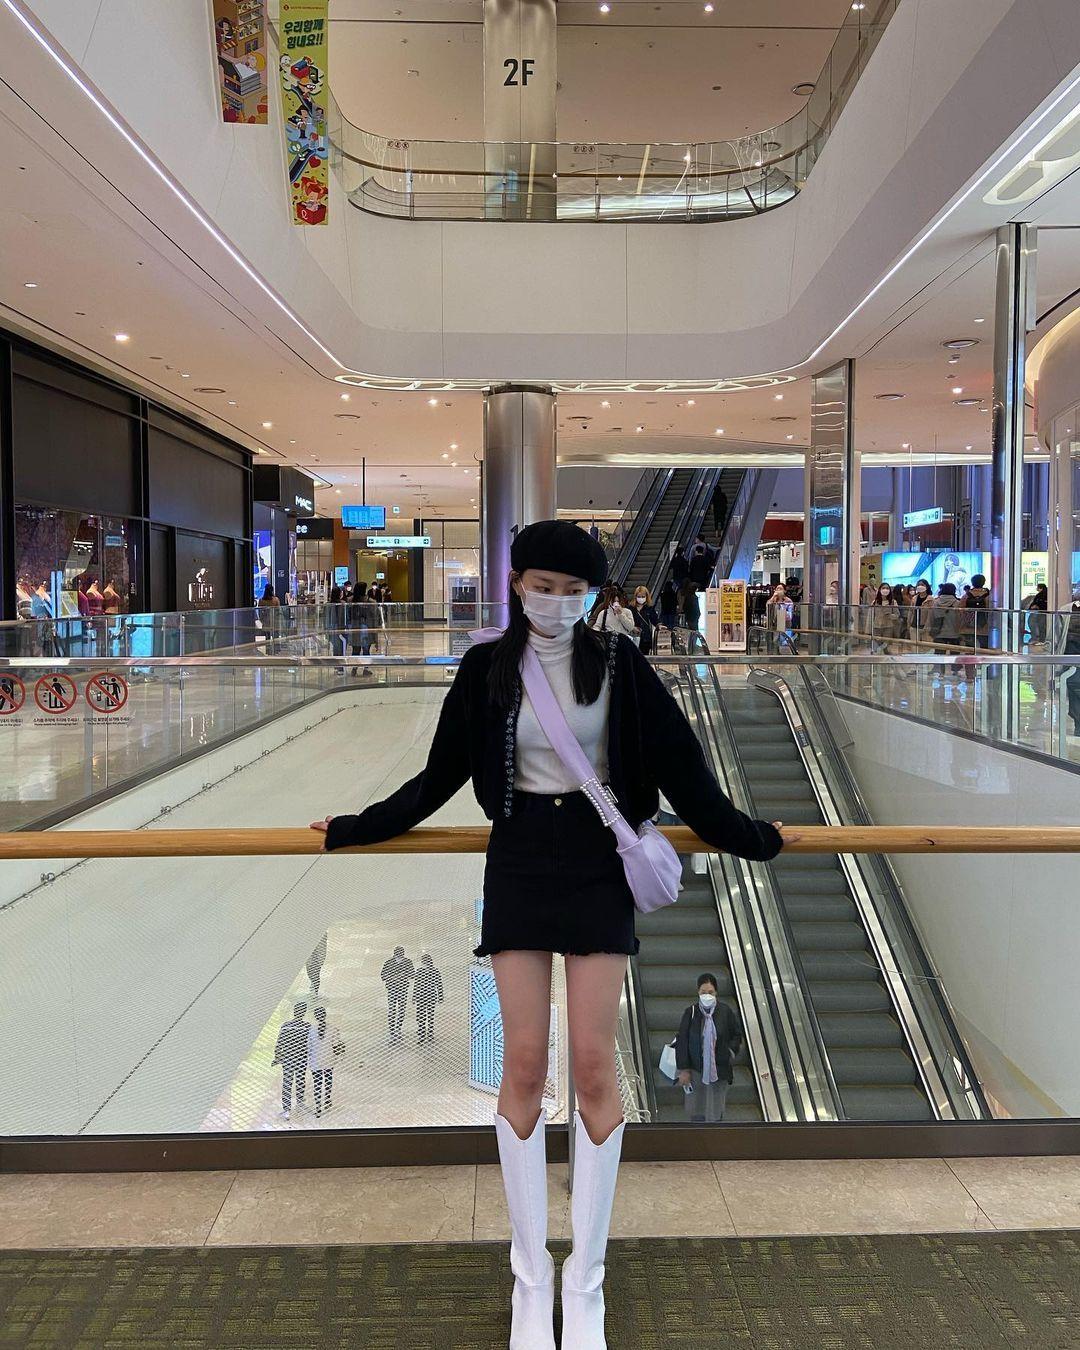 Intip Potret Yeeun, Member CLC yang Siap Debut Akting Film Horror